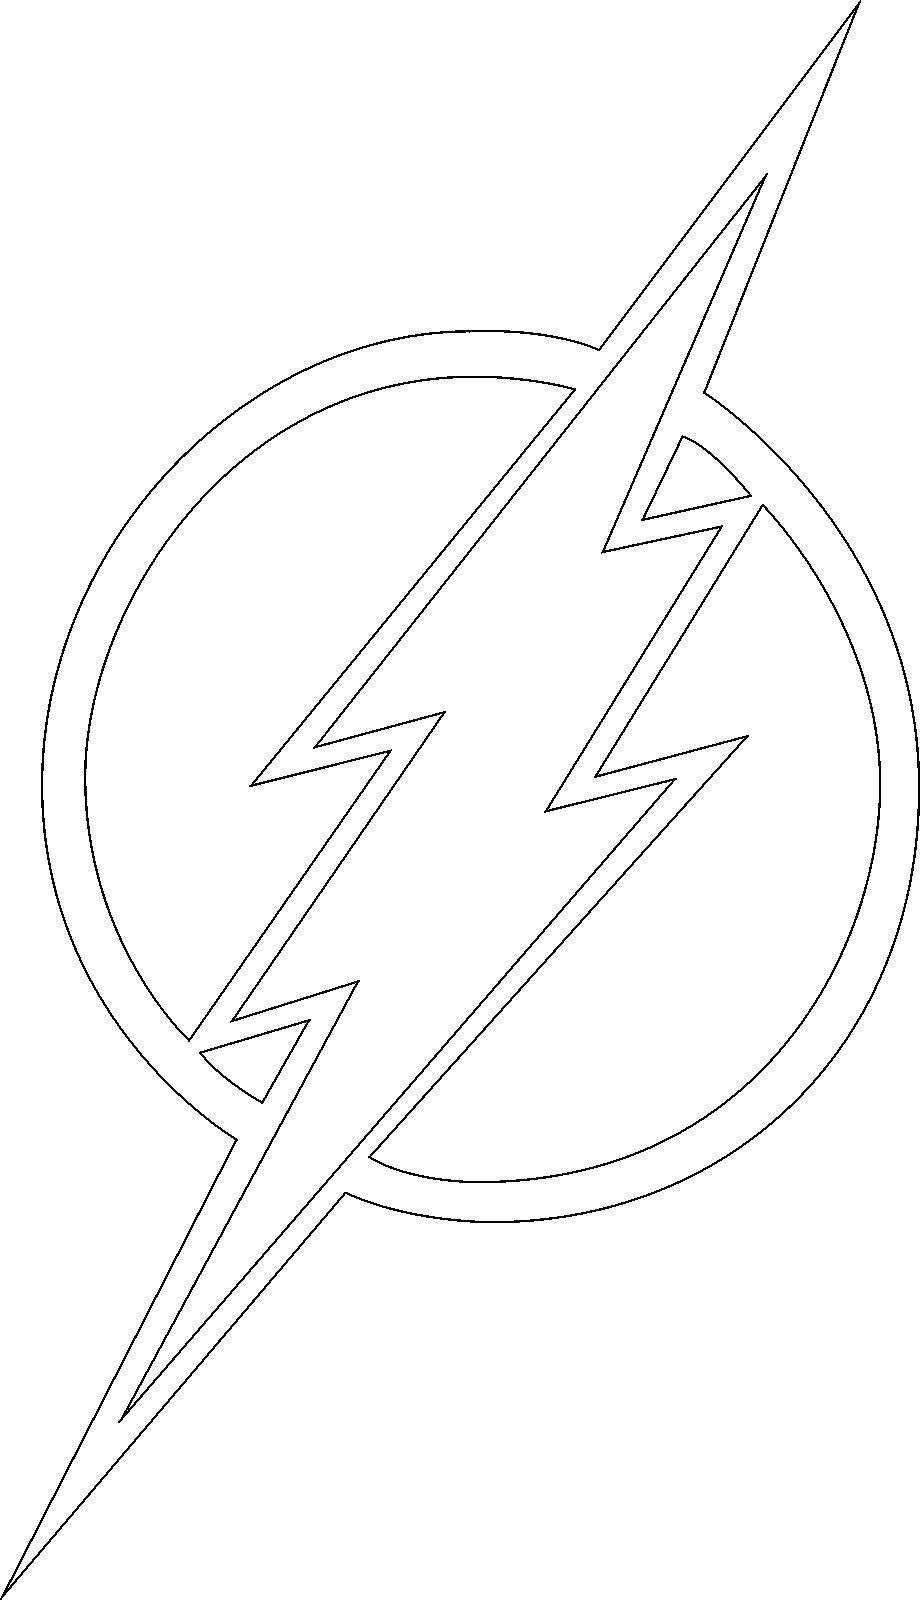 Flash Clipart Outline Flash Outline Transparent Free For Download On Webstockreview 2021